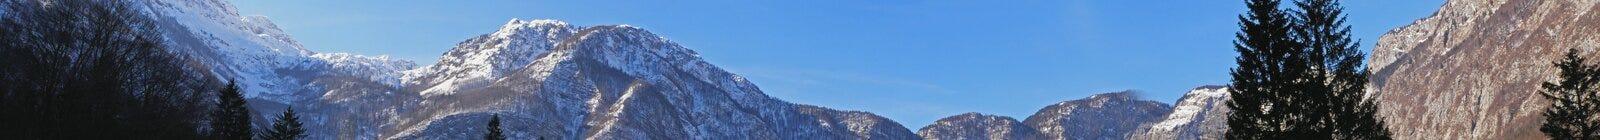 bergpanorama Royaltyfri Fotografi